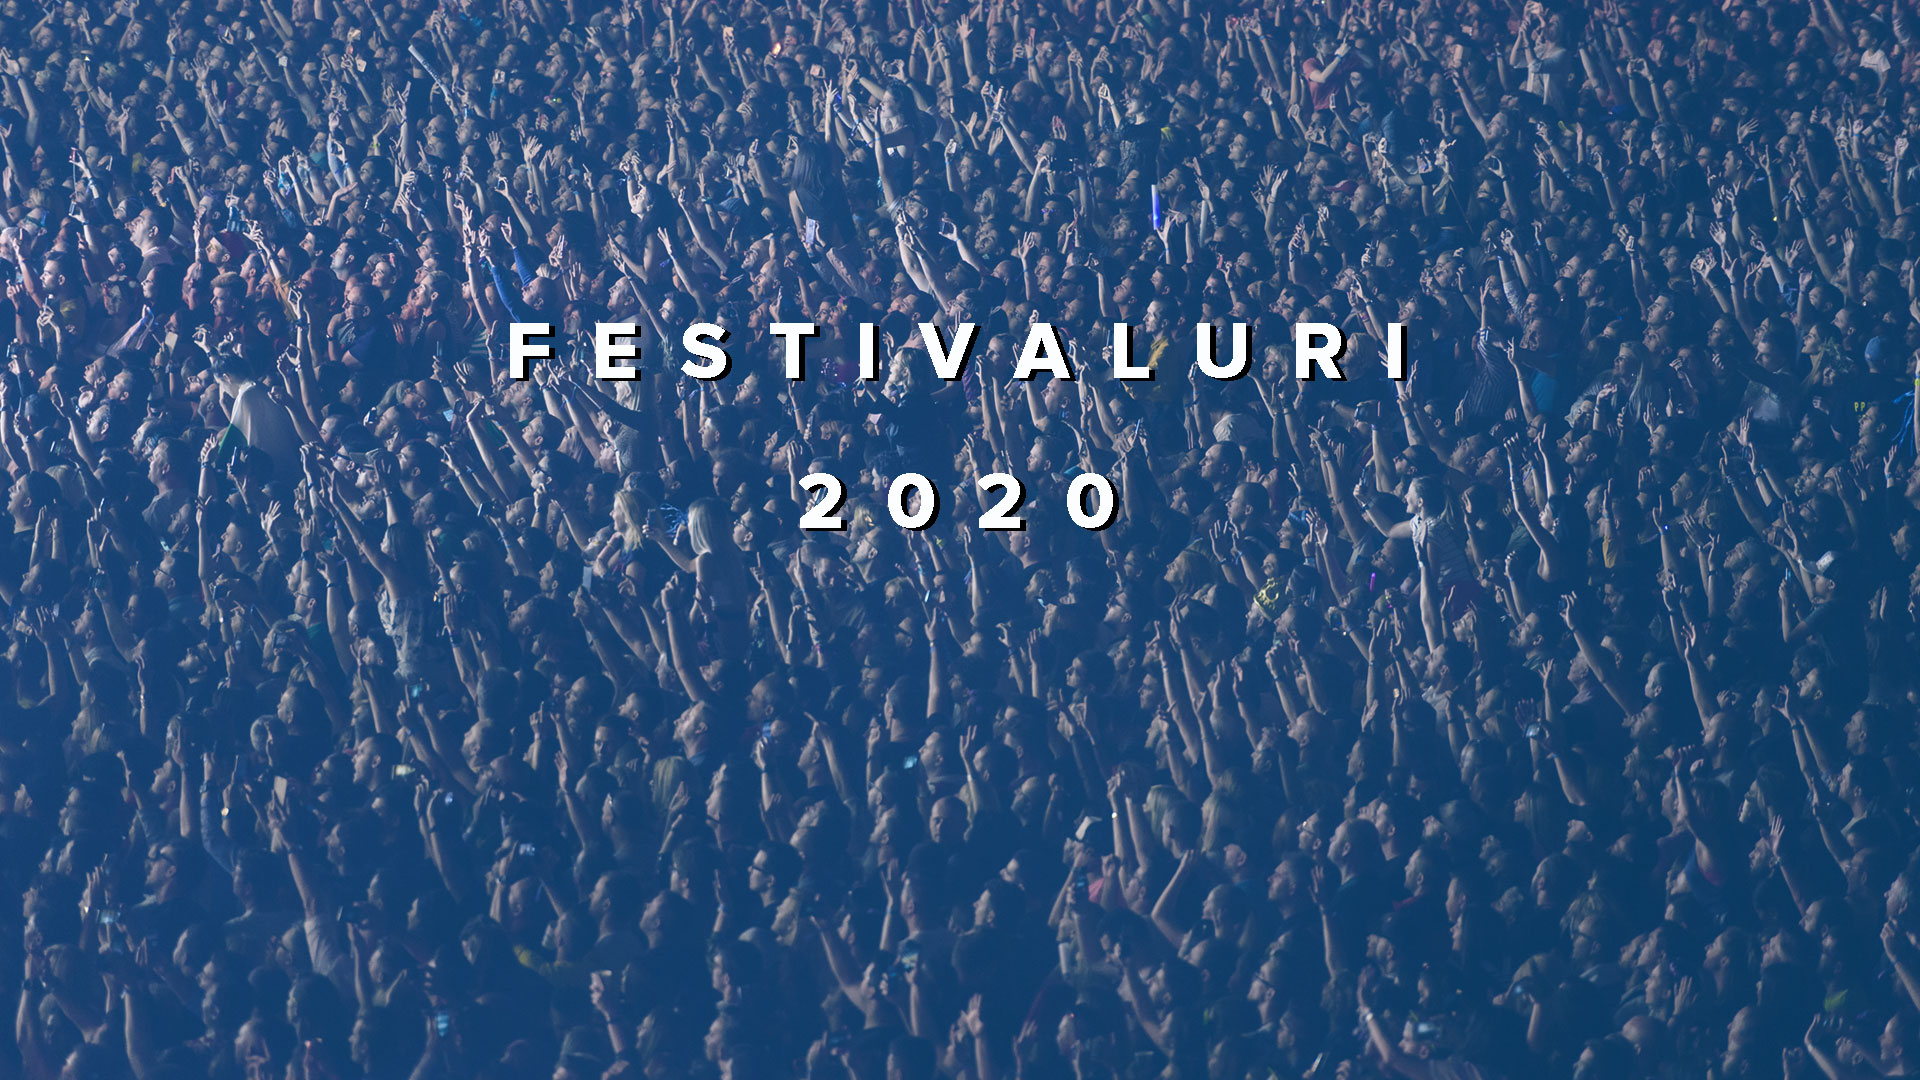 21 de festivaluri din România pe care să nu le ratezi în 2020